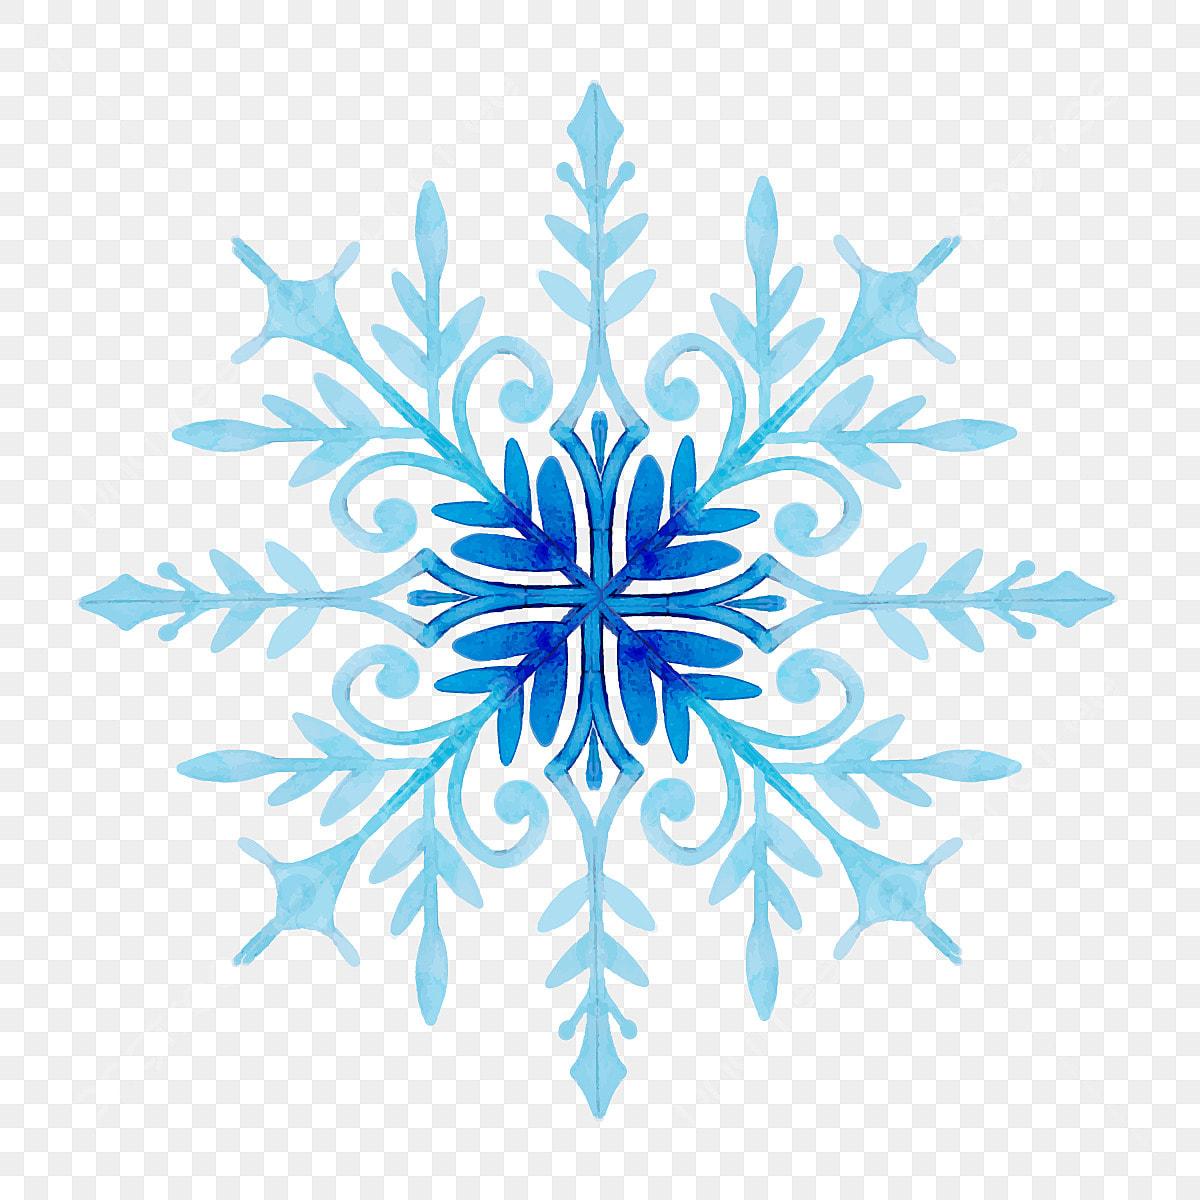 Christmas Snowflakes.Watercolor Christmas Snowflakes Watercolor Color Colorful